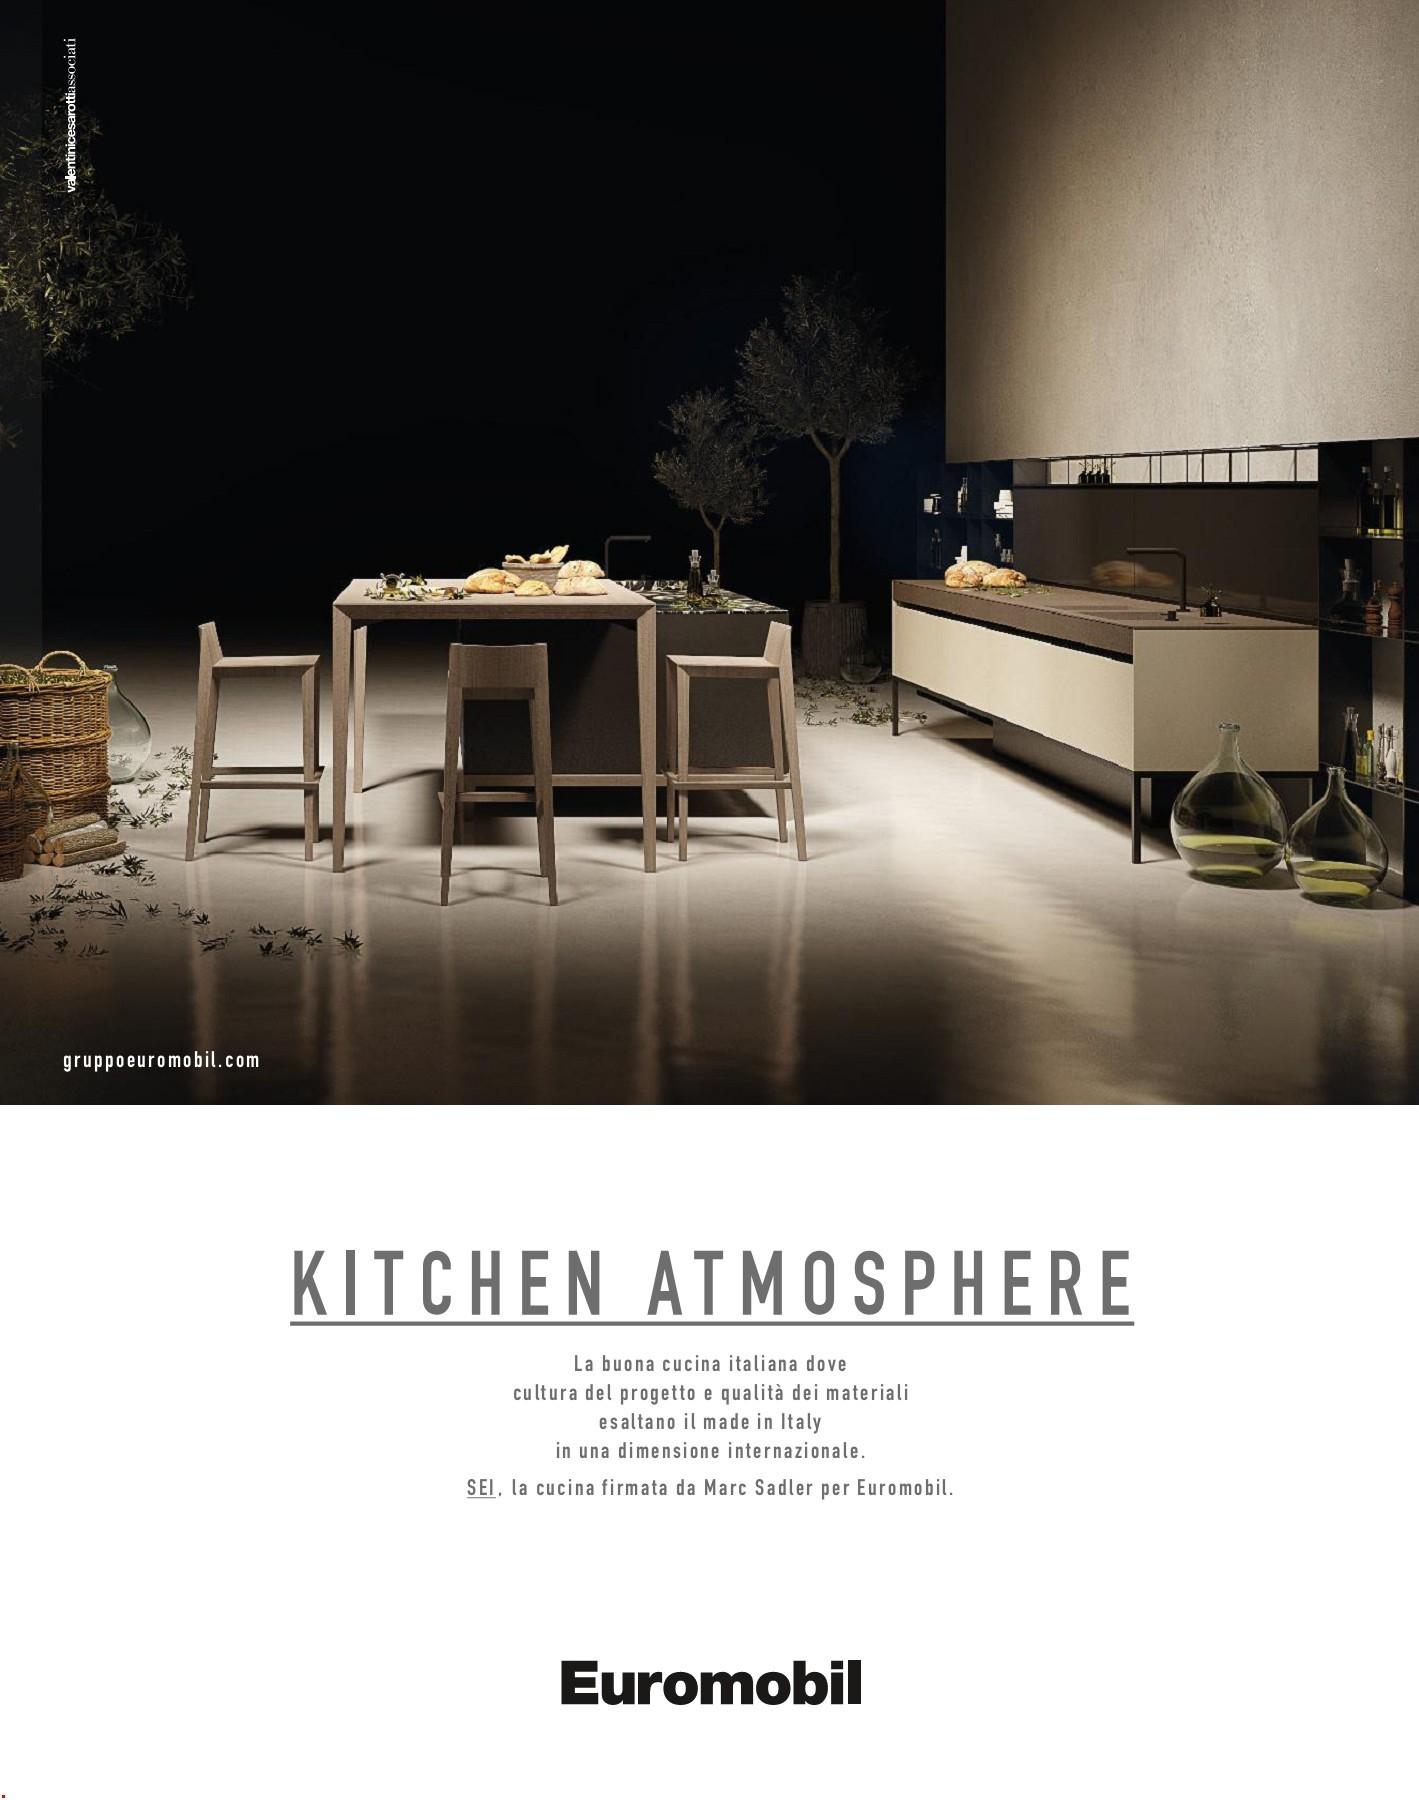 Nel nostro store fisico ed online troverete lampade, lampadari, piantane,. Interni Italia Jan 2019 Flip Book Pages 51 100 Pubhtml5